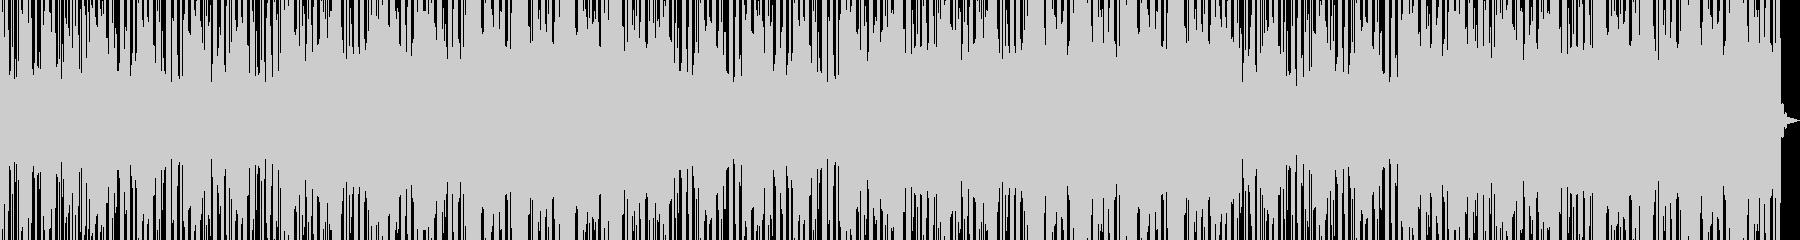 シンセとロボットの声でこのクロスオ...の未再生の波形